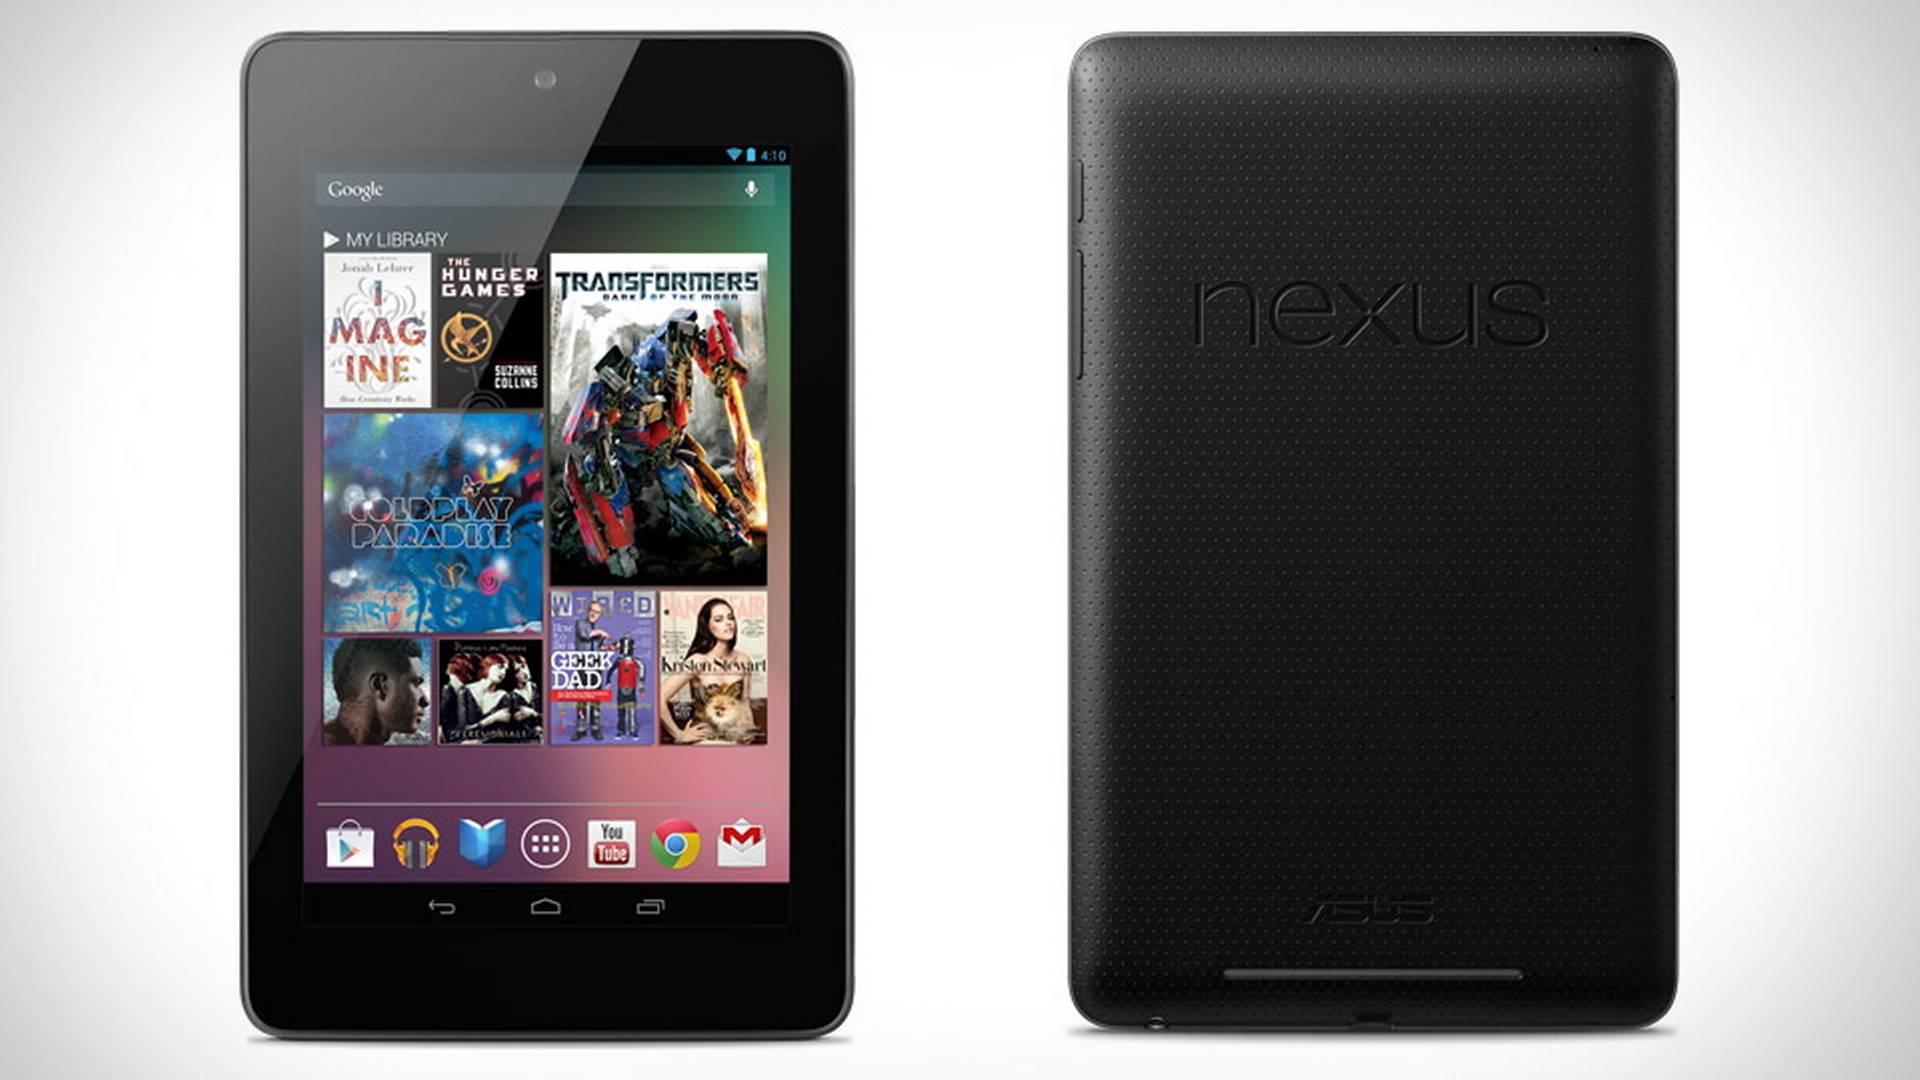 ASUS-Eee-Pad-Nexus-7-2